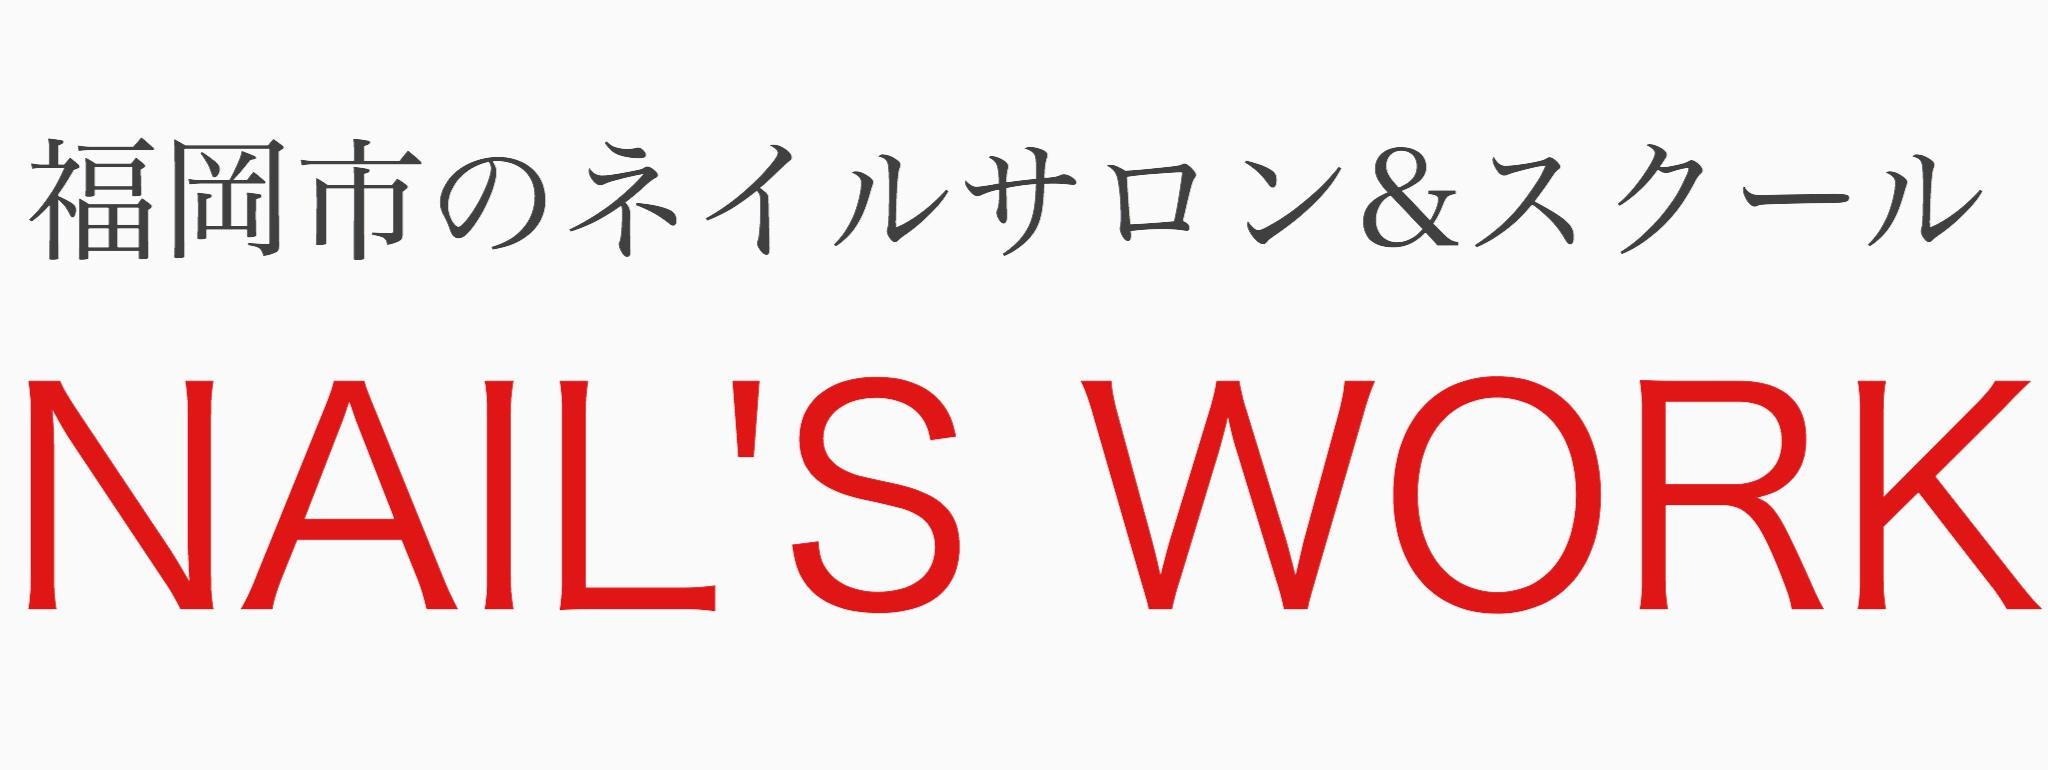 福岡市のネイルサロン&スクール NAIL'S WORKネイルズワーク